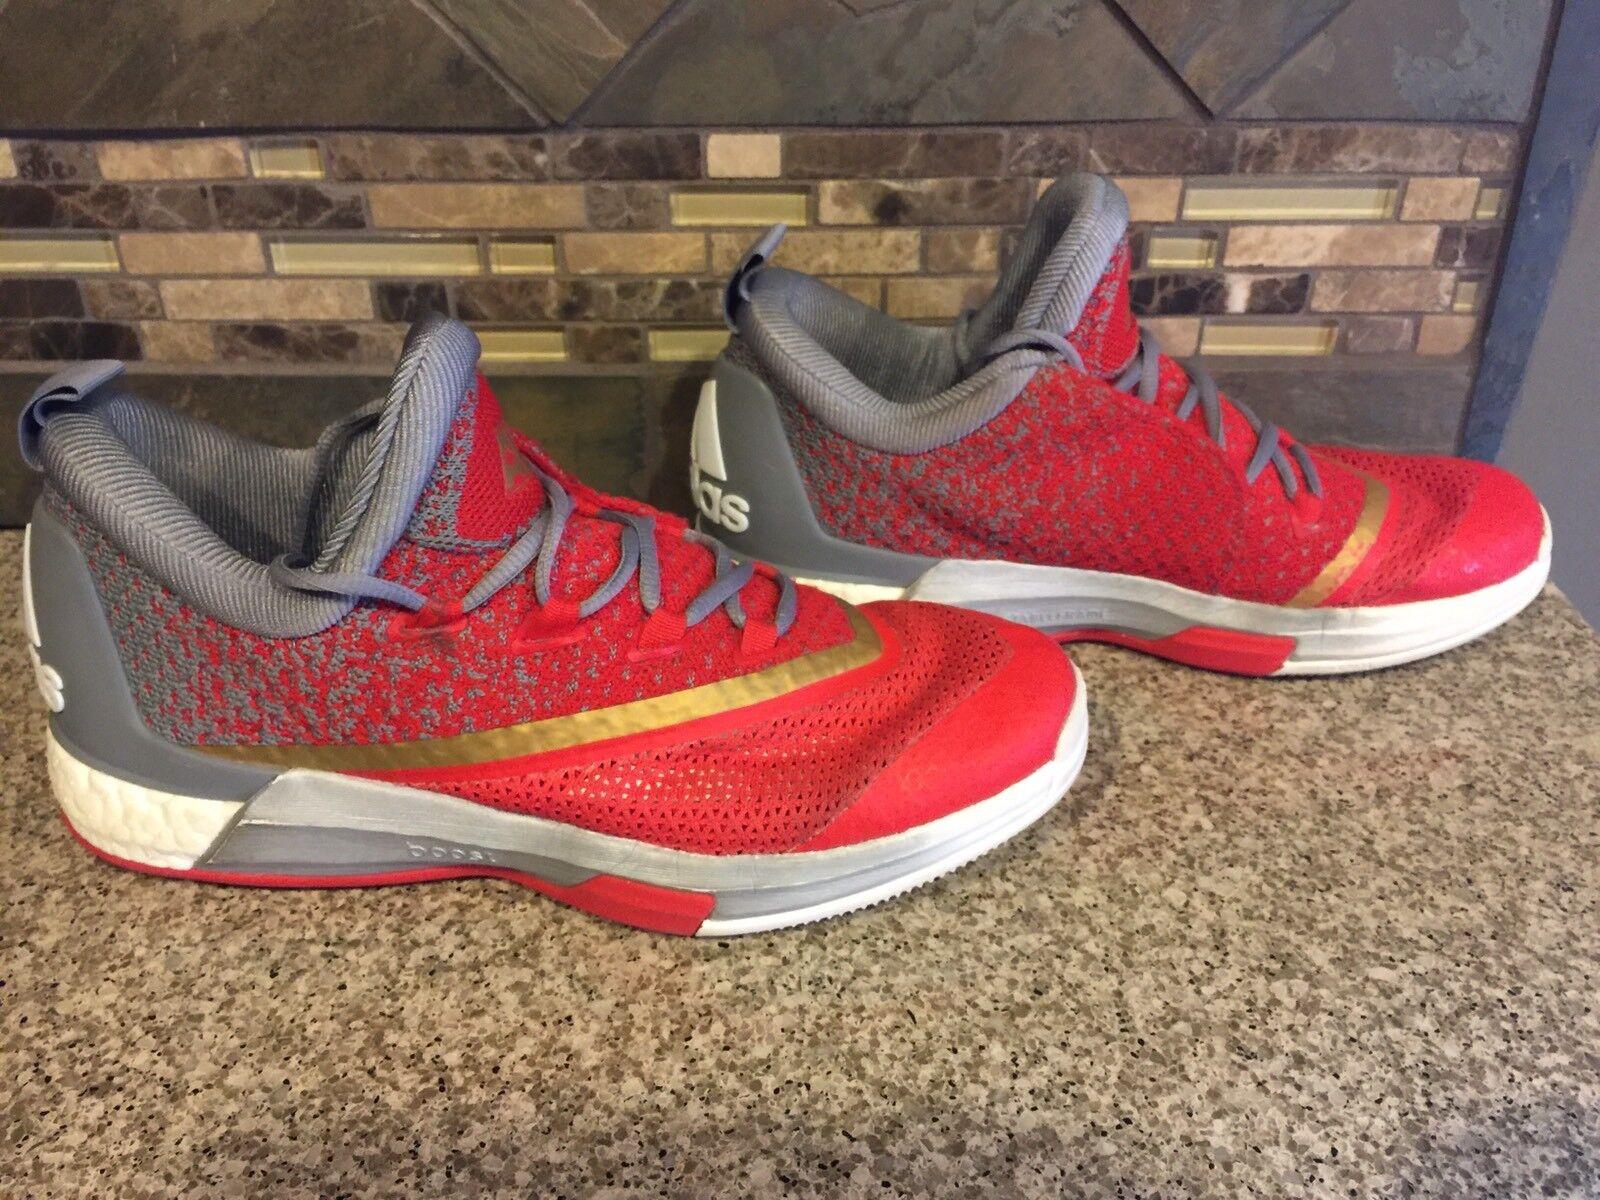 Gli uomini è adidas e scarpe da ginnastica rossa impulso sz   8 | Alta qualità ed economia  | Uomo/Donne Scarpa